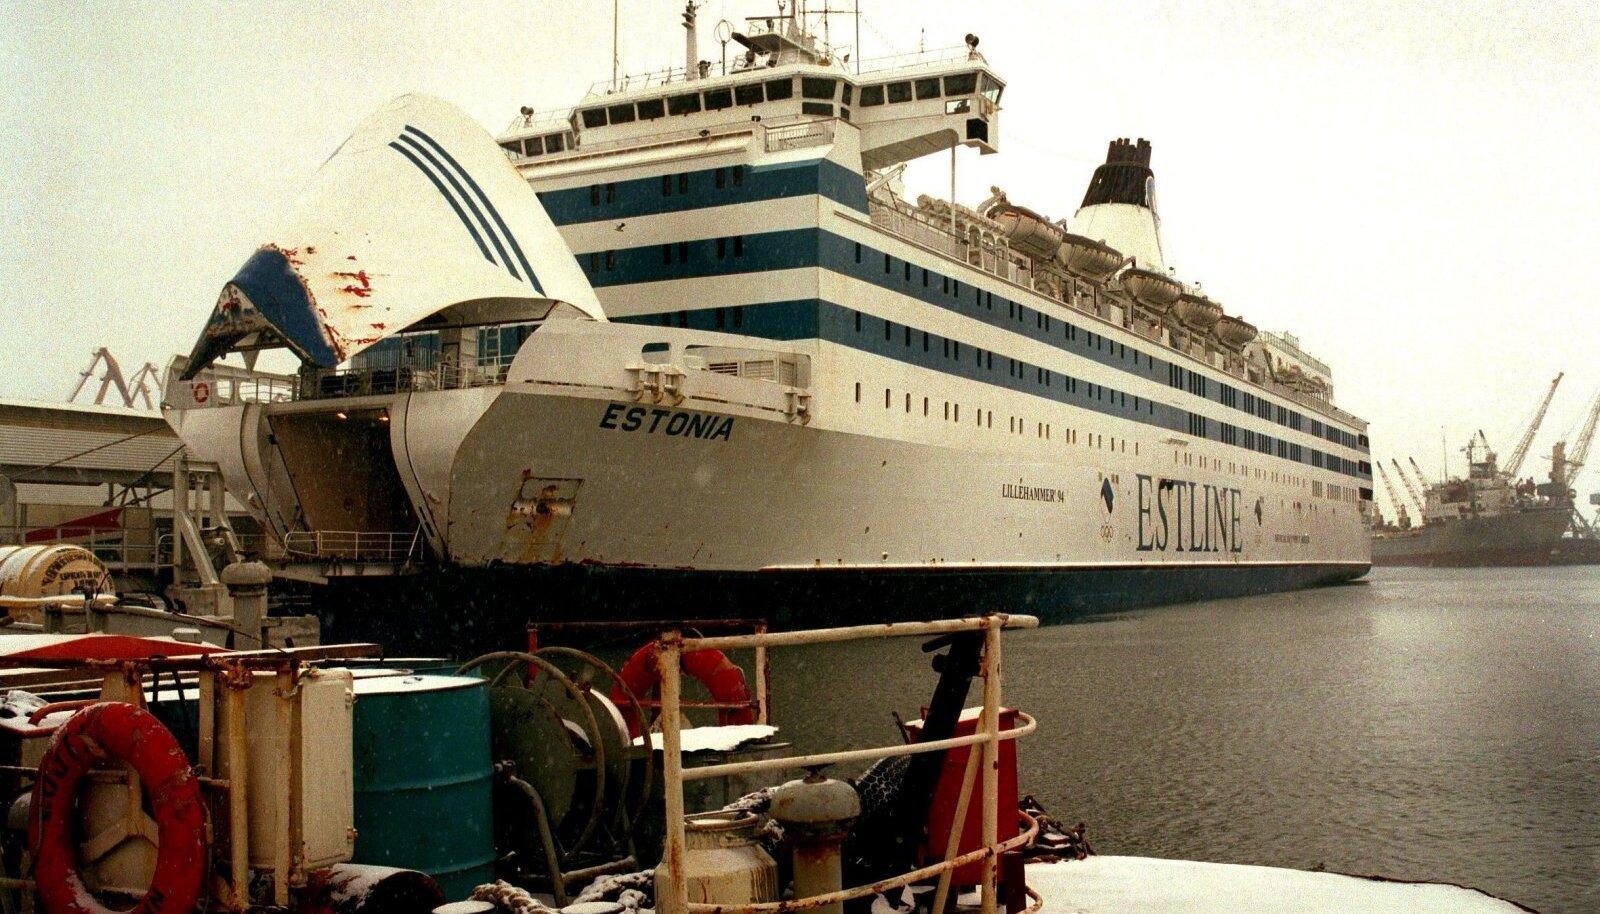 Tänasest eetrisse jõudev seriaal lubab parvlaev Estonia uppumise kohta uusi detaile.